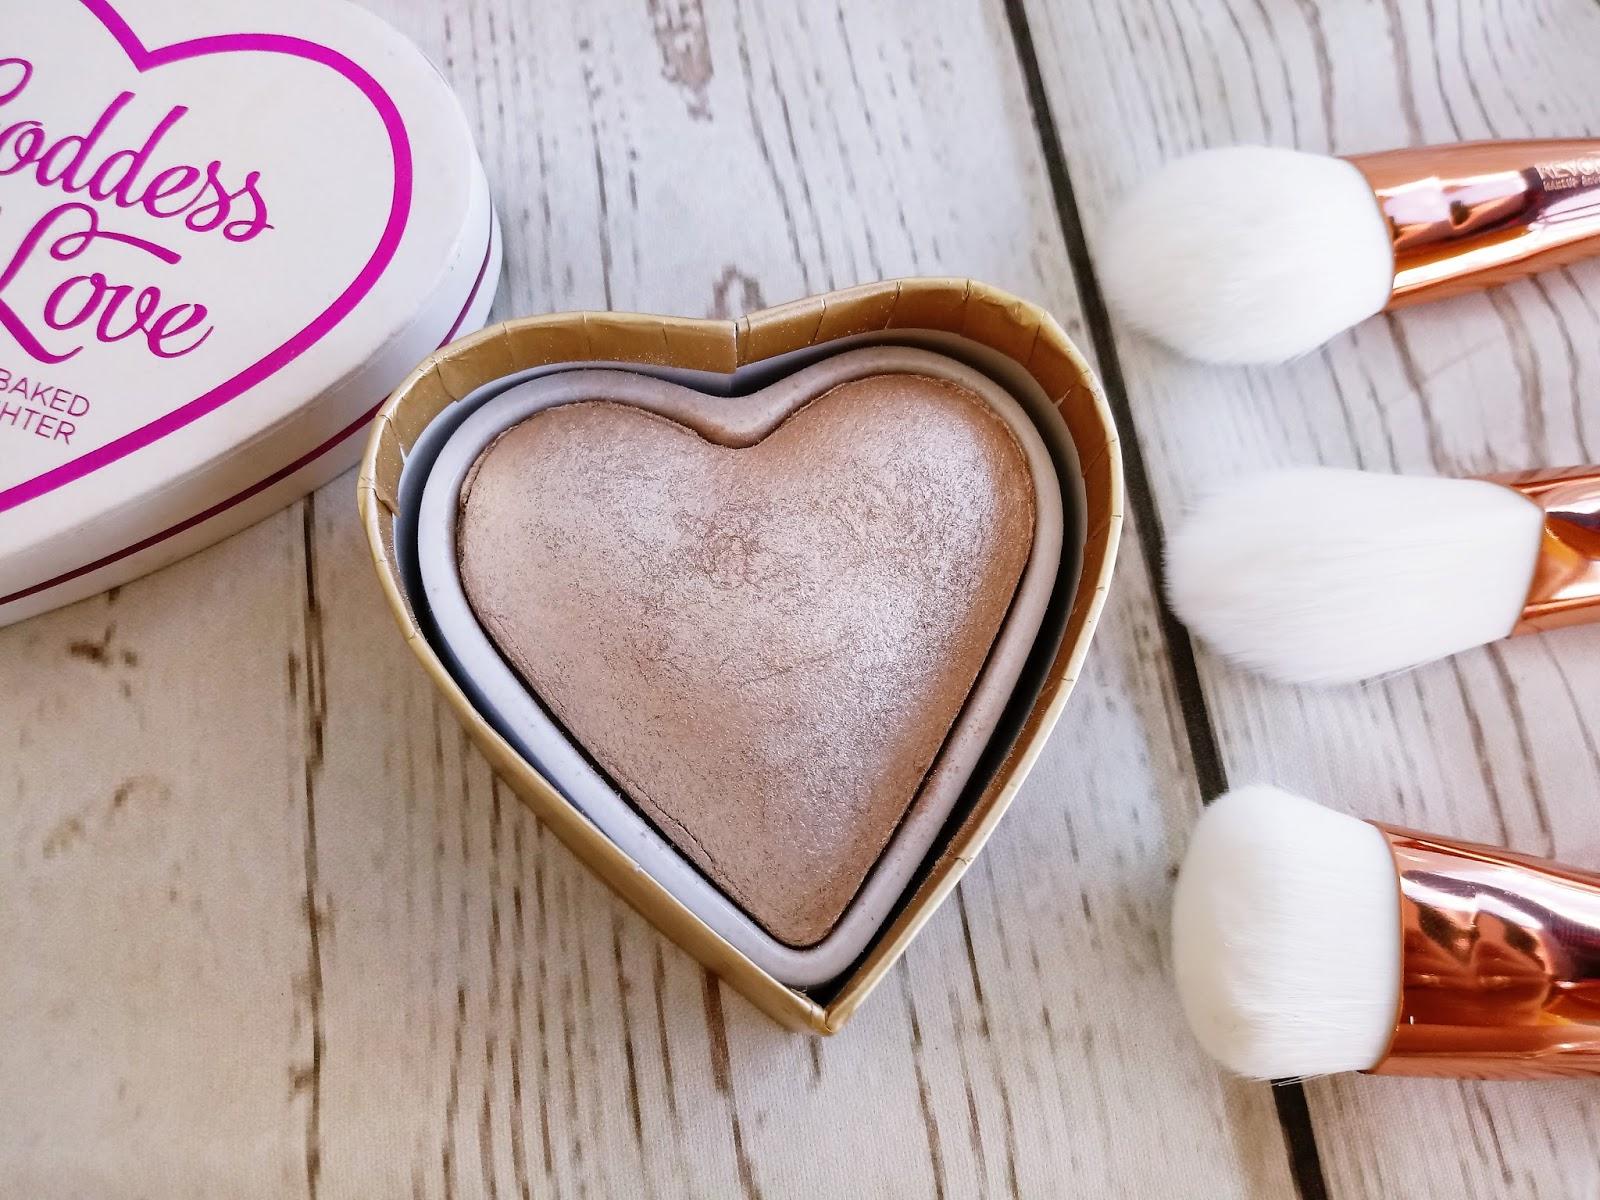 Makijaż z I HEART MAKEUP /Czekoladka, serduszko i pomadka w płynie molten chocolate/ wraz z pędzlami ULTRA METALS - MakeUP REVOLUTION- #2